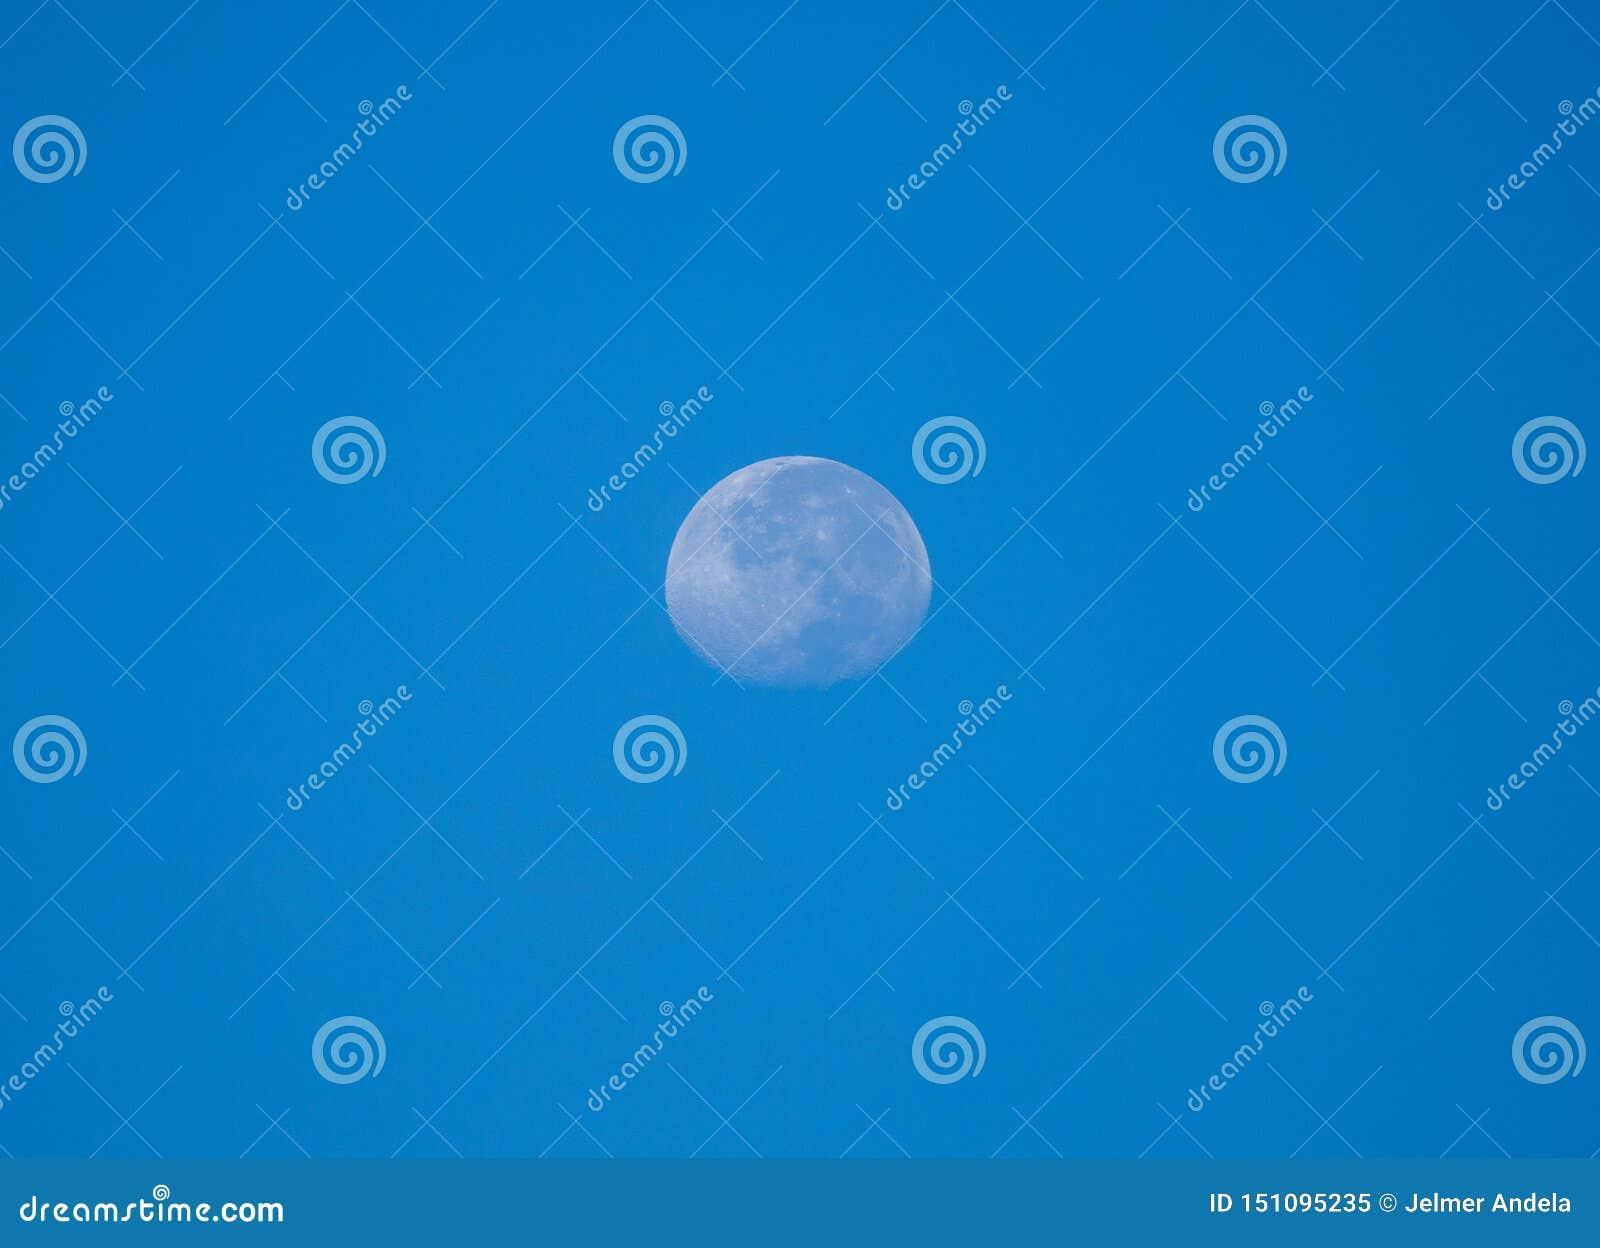 Lua brilhante durante o dia com um céu claro